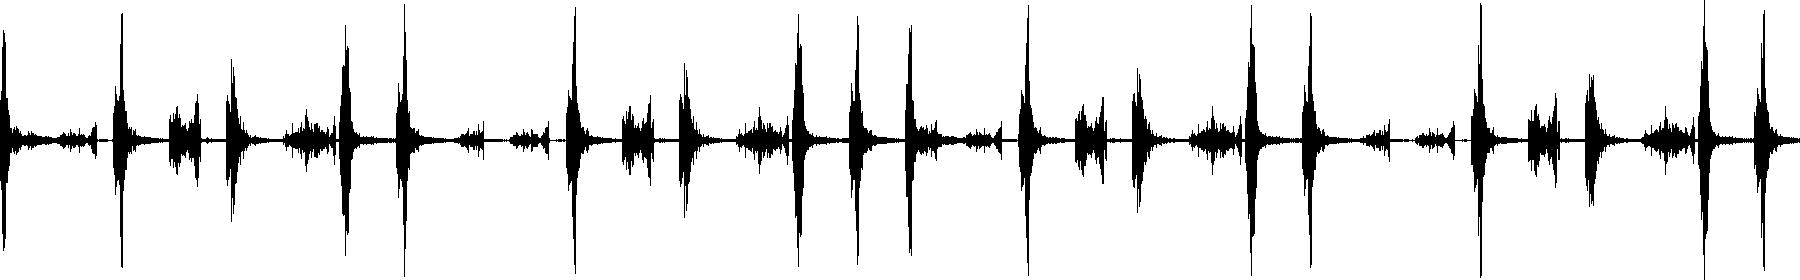 ehp percloop 127 05